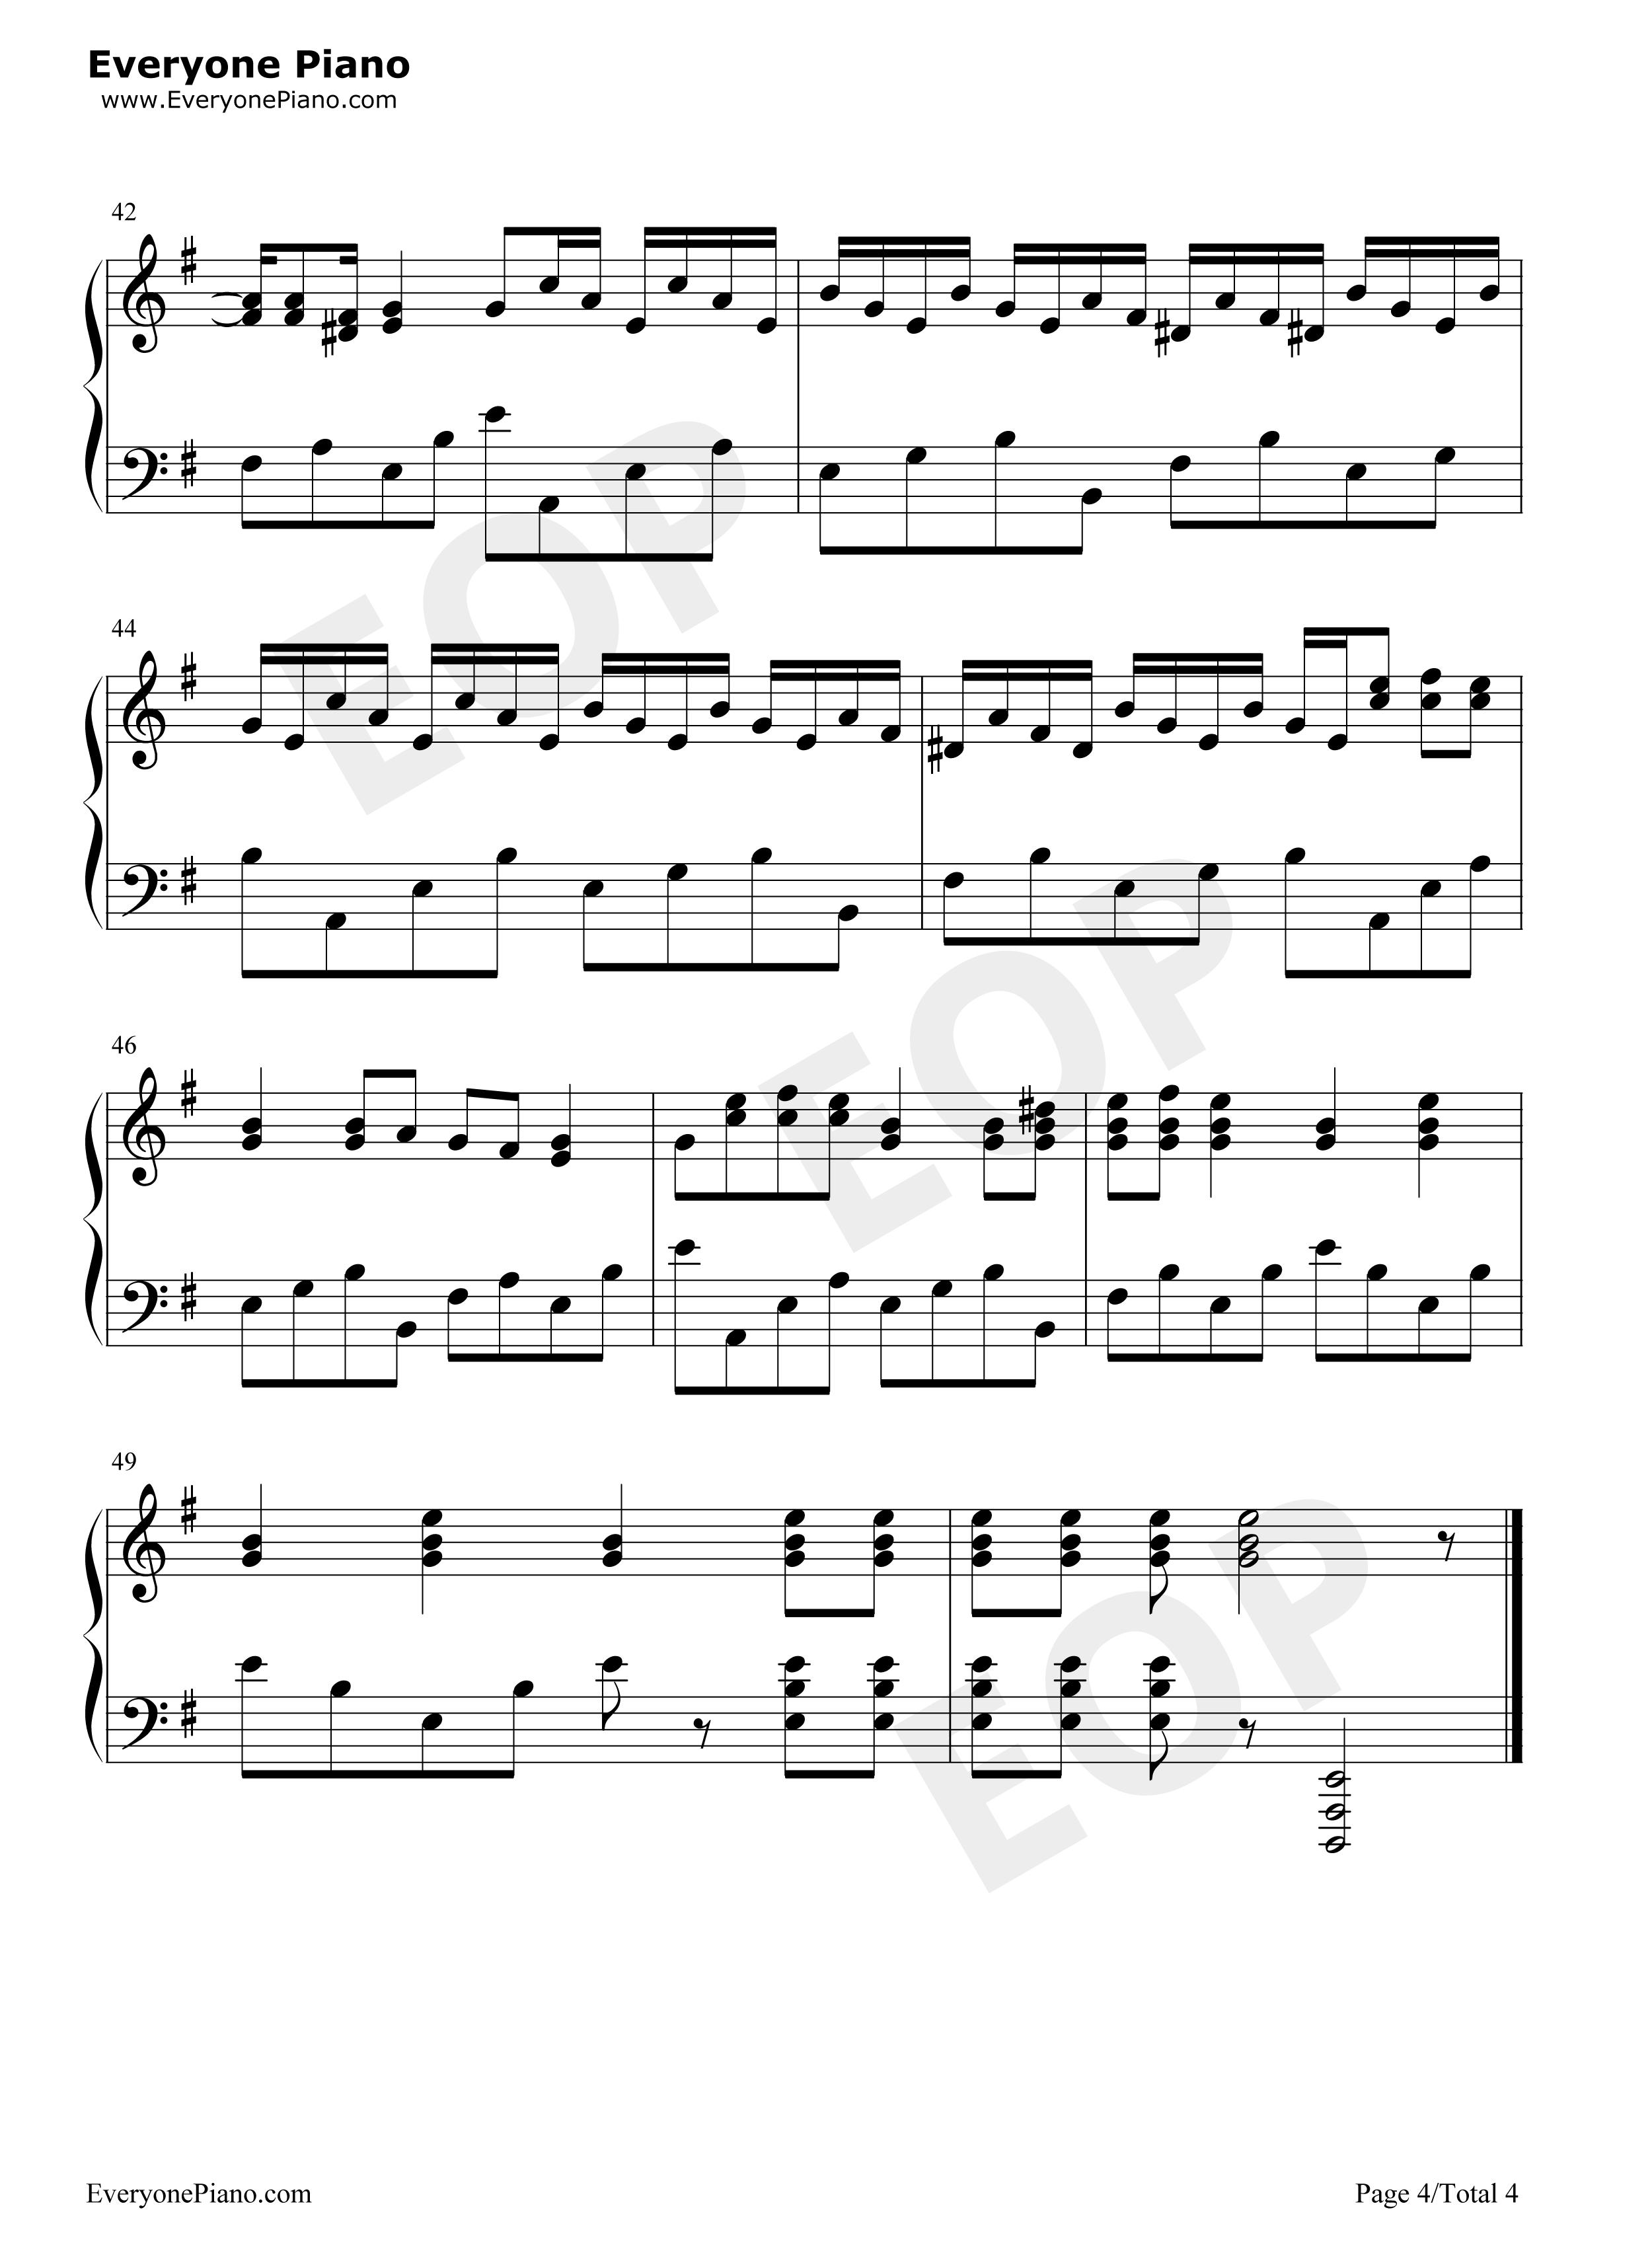 La Cancion Del Mariachi tab - Ultimate-Tabs.com